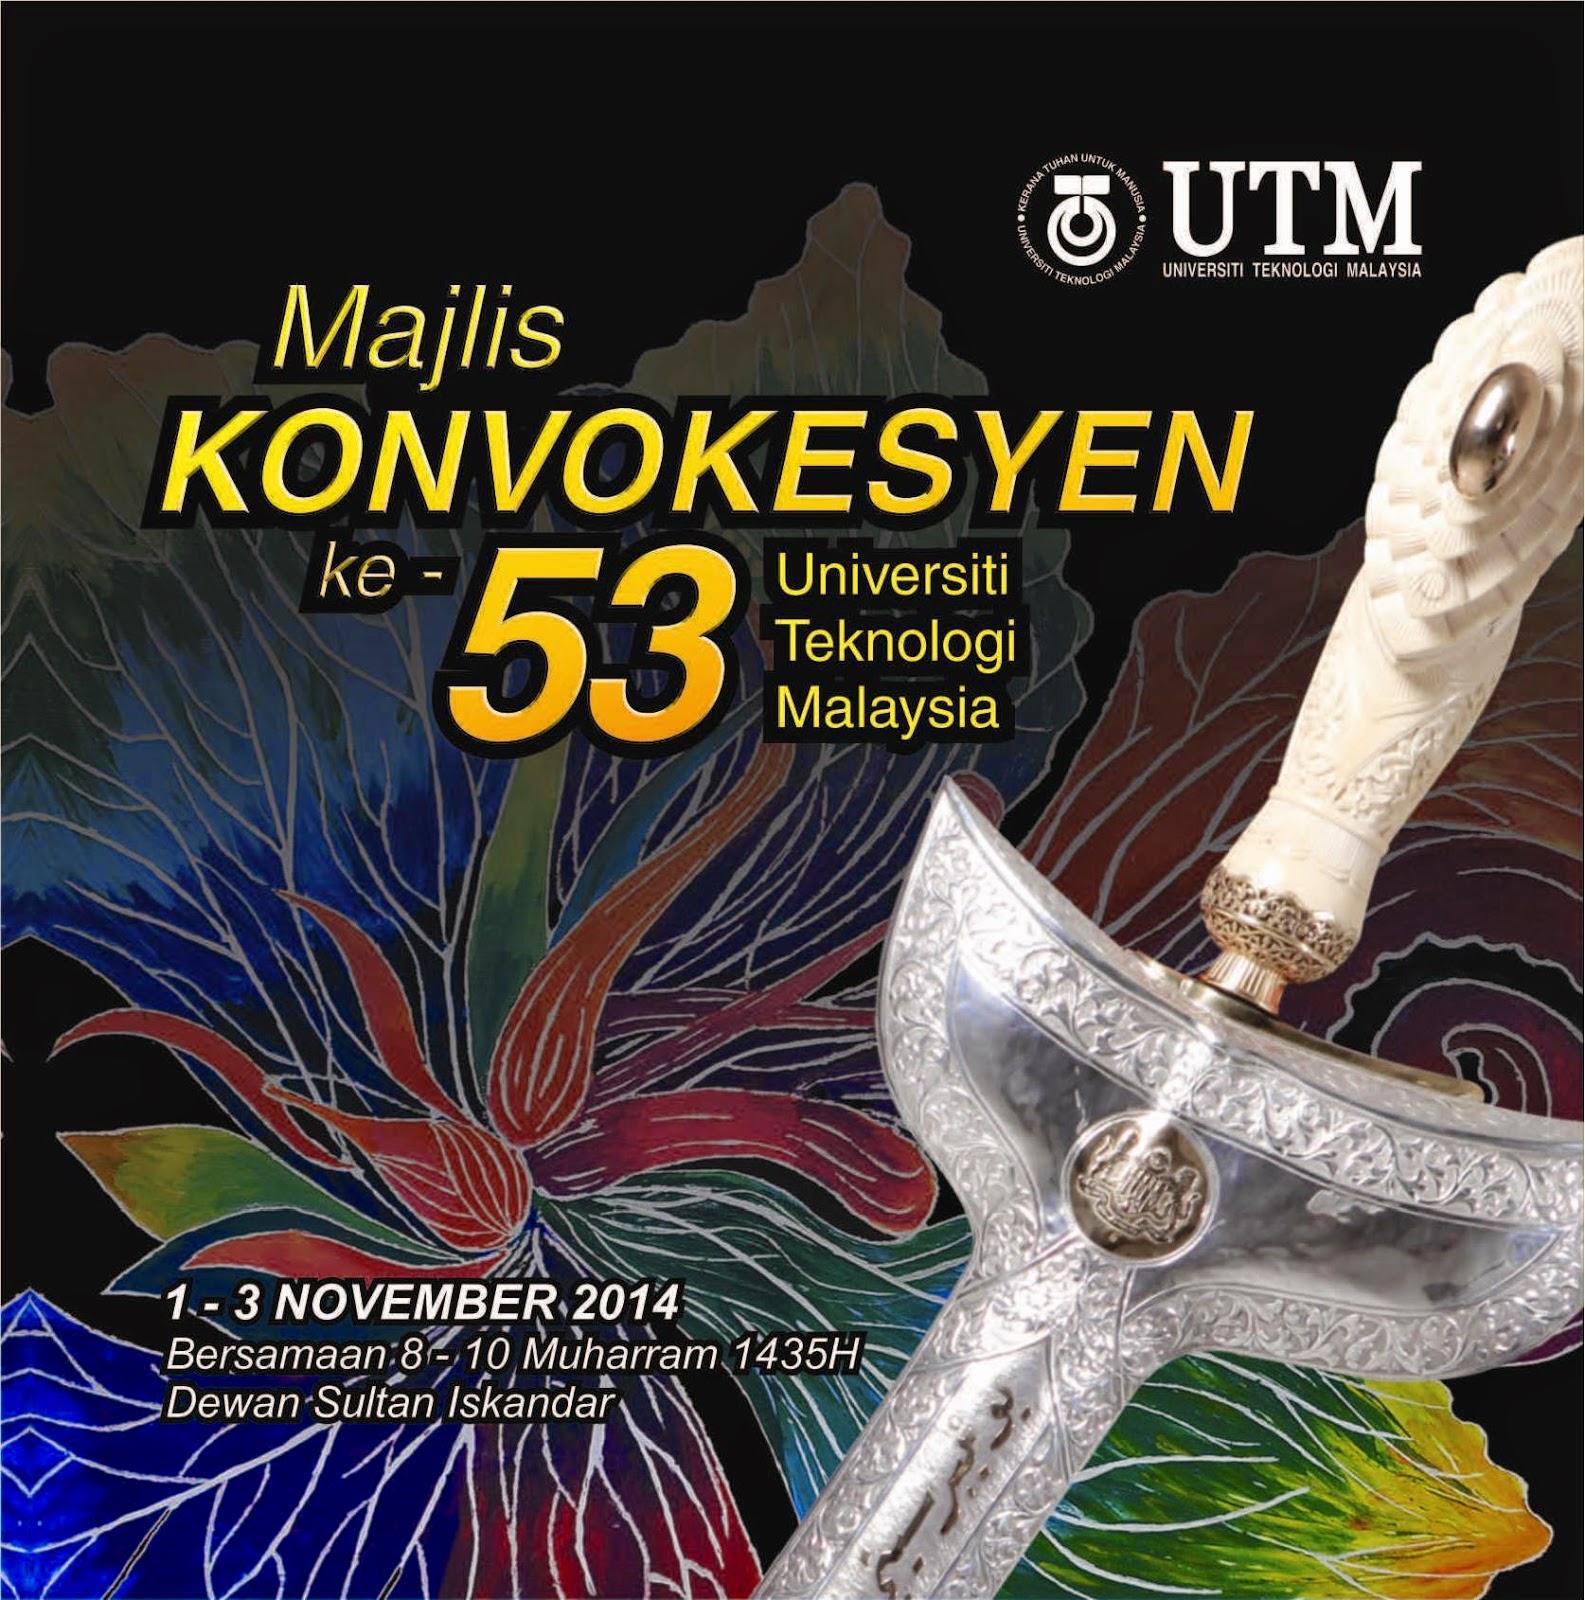 Majlis Konvokesyen UTM 2014 Ke 53